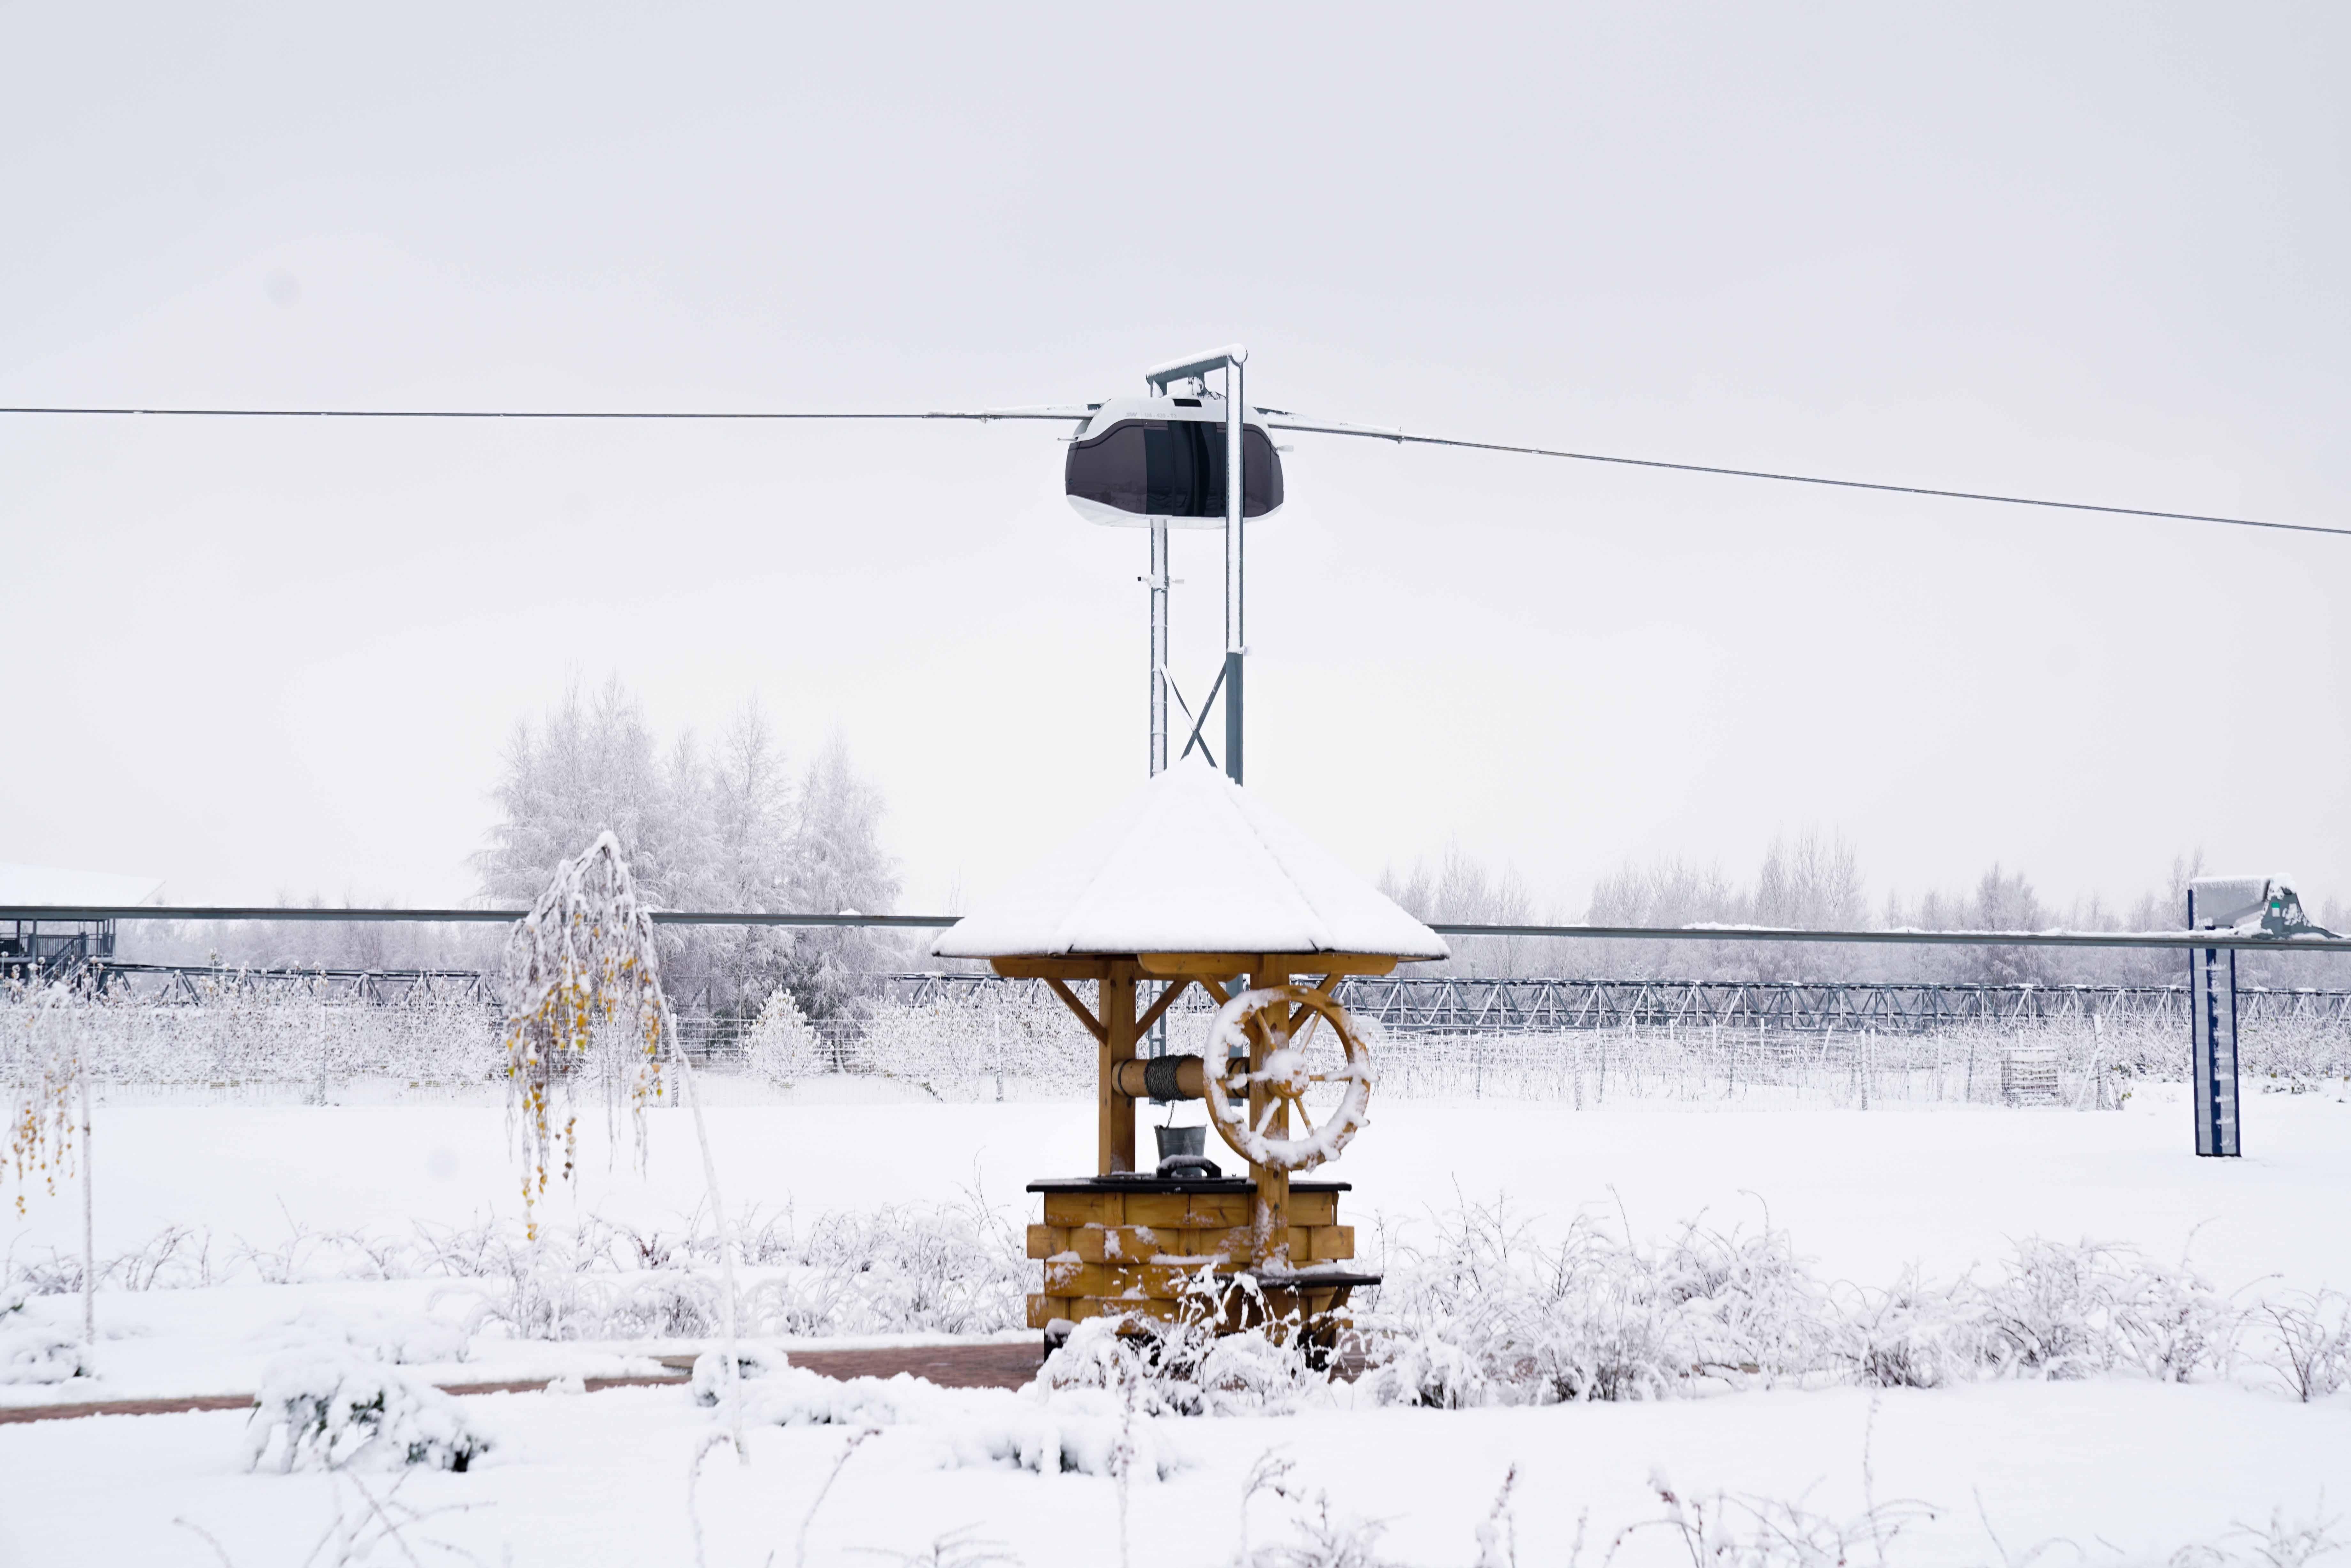 Первый снег в ЭкоТехноПарке SkyWay